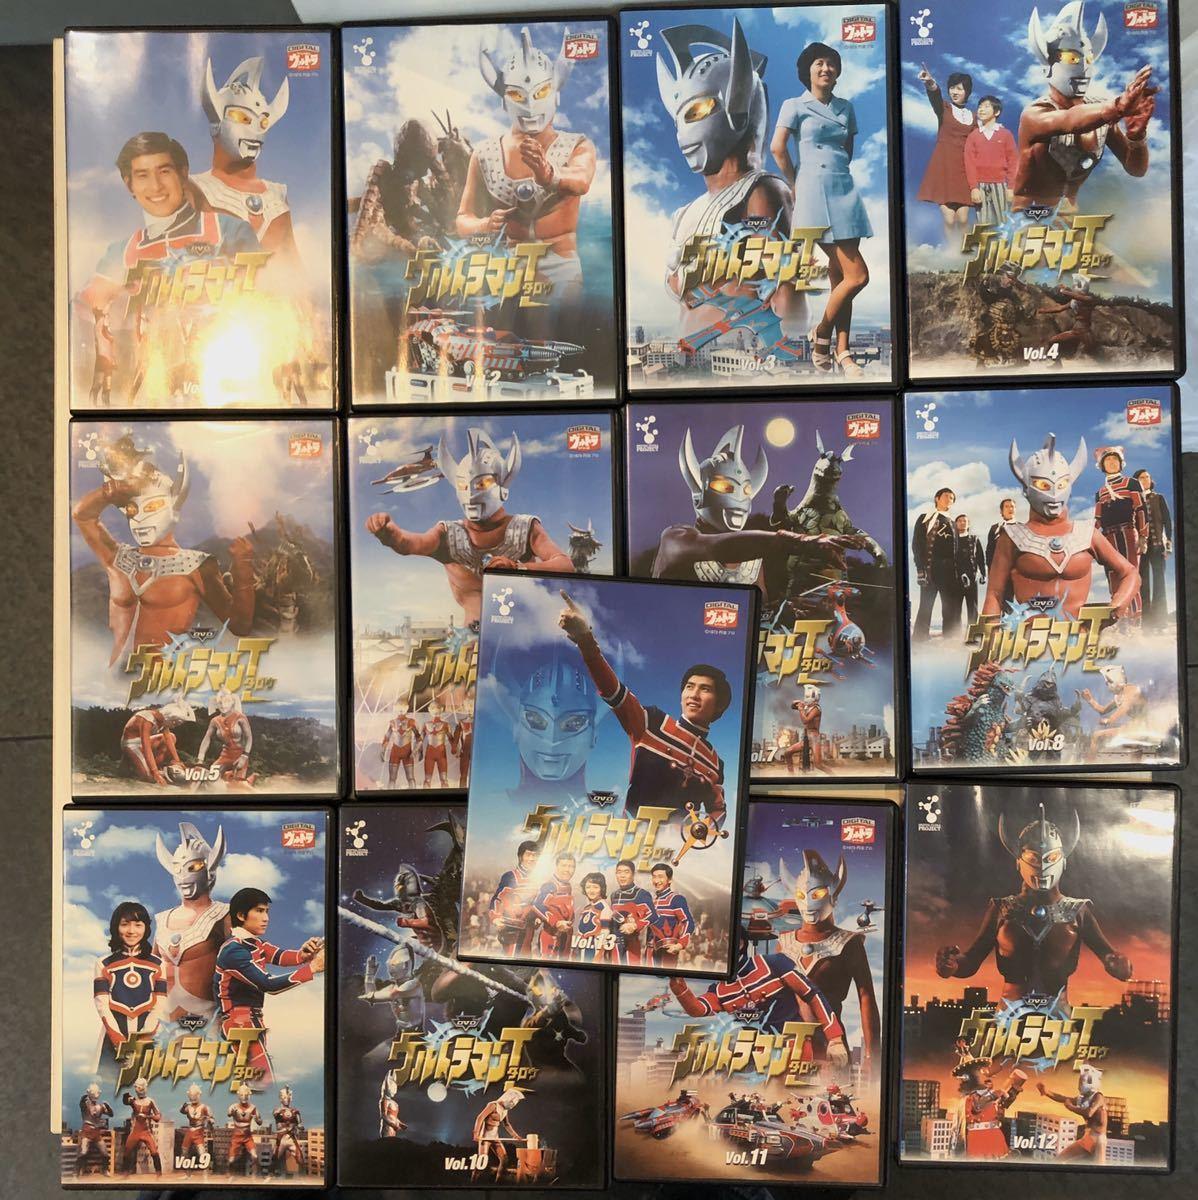 ウルトラマンタロウ DVD セット ウルトラマン the movie 2 劇場版 ウルトラマンタイガ